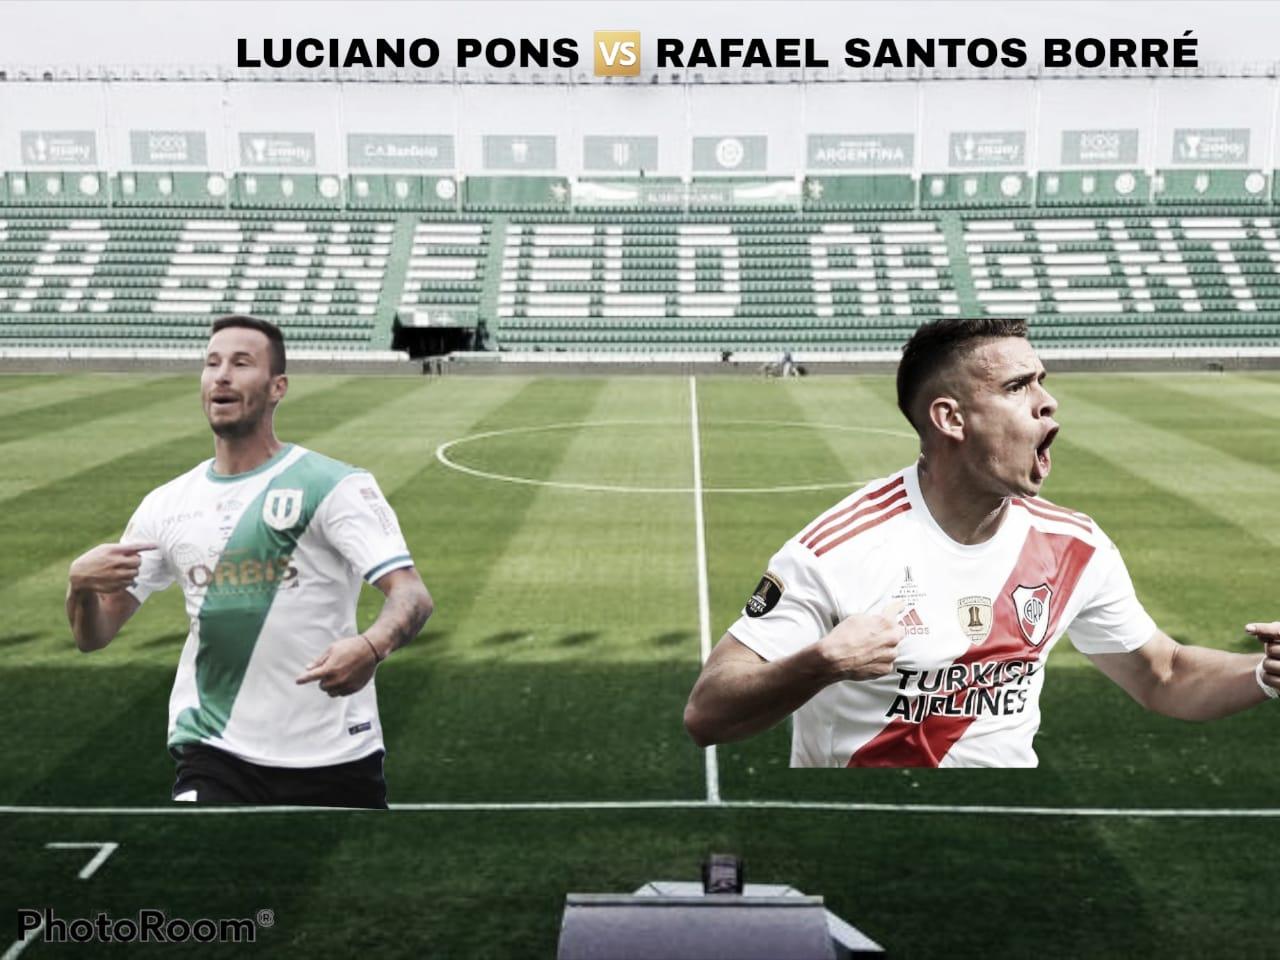 Luciano Pons vs Rafael Santos Borré: duelo de delanteros